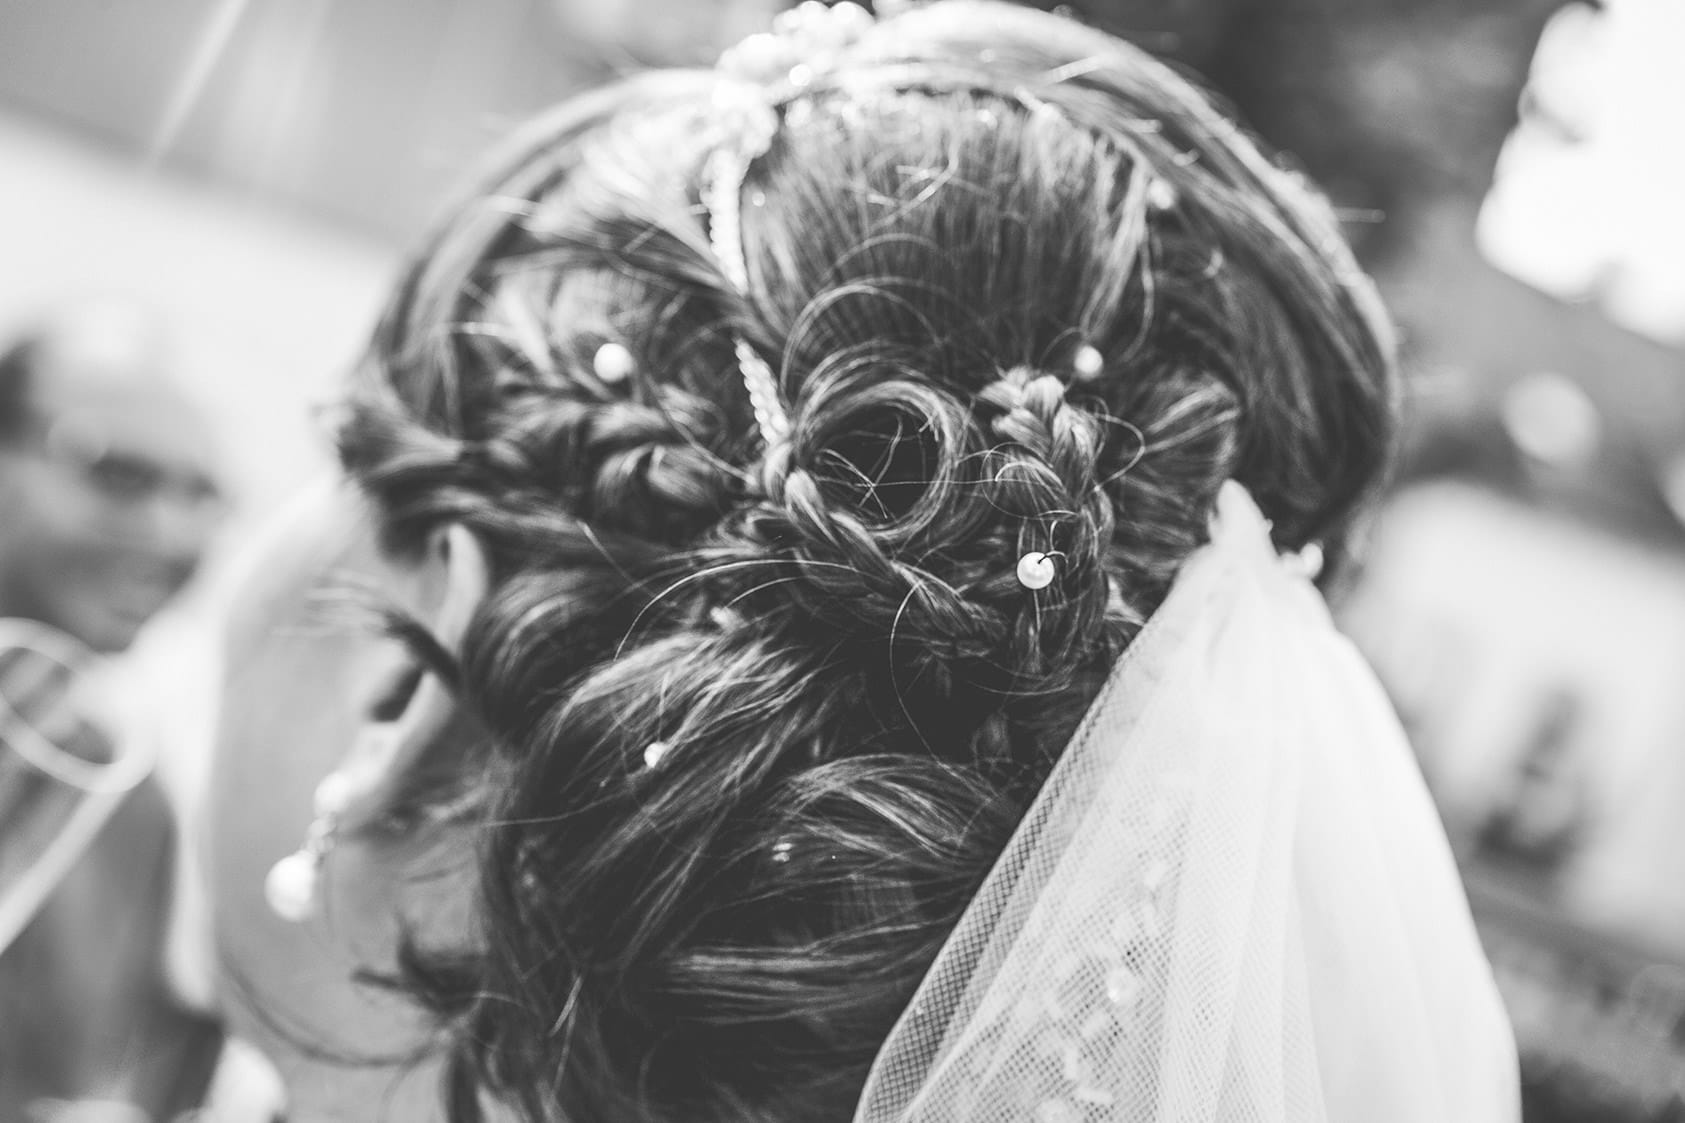 Hochzeitsreportage-Zehntscheune-Hanau-Hochzeitsfotograf-Vintage-schwwarzweissfotografie-standesamtzehntscheune-Katharina-Zwerger-Pinetree-Photography